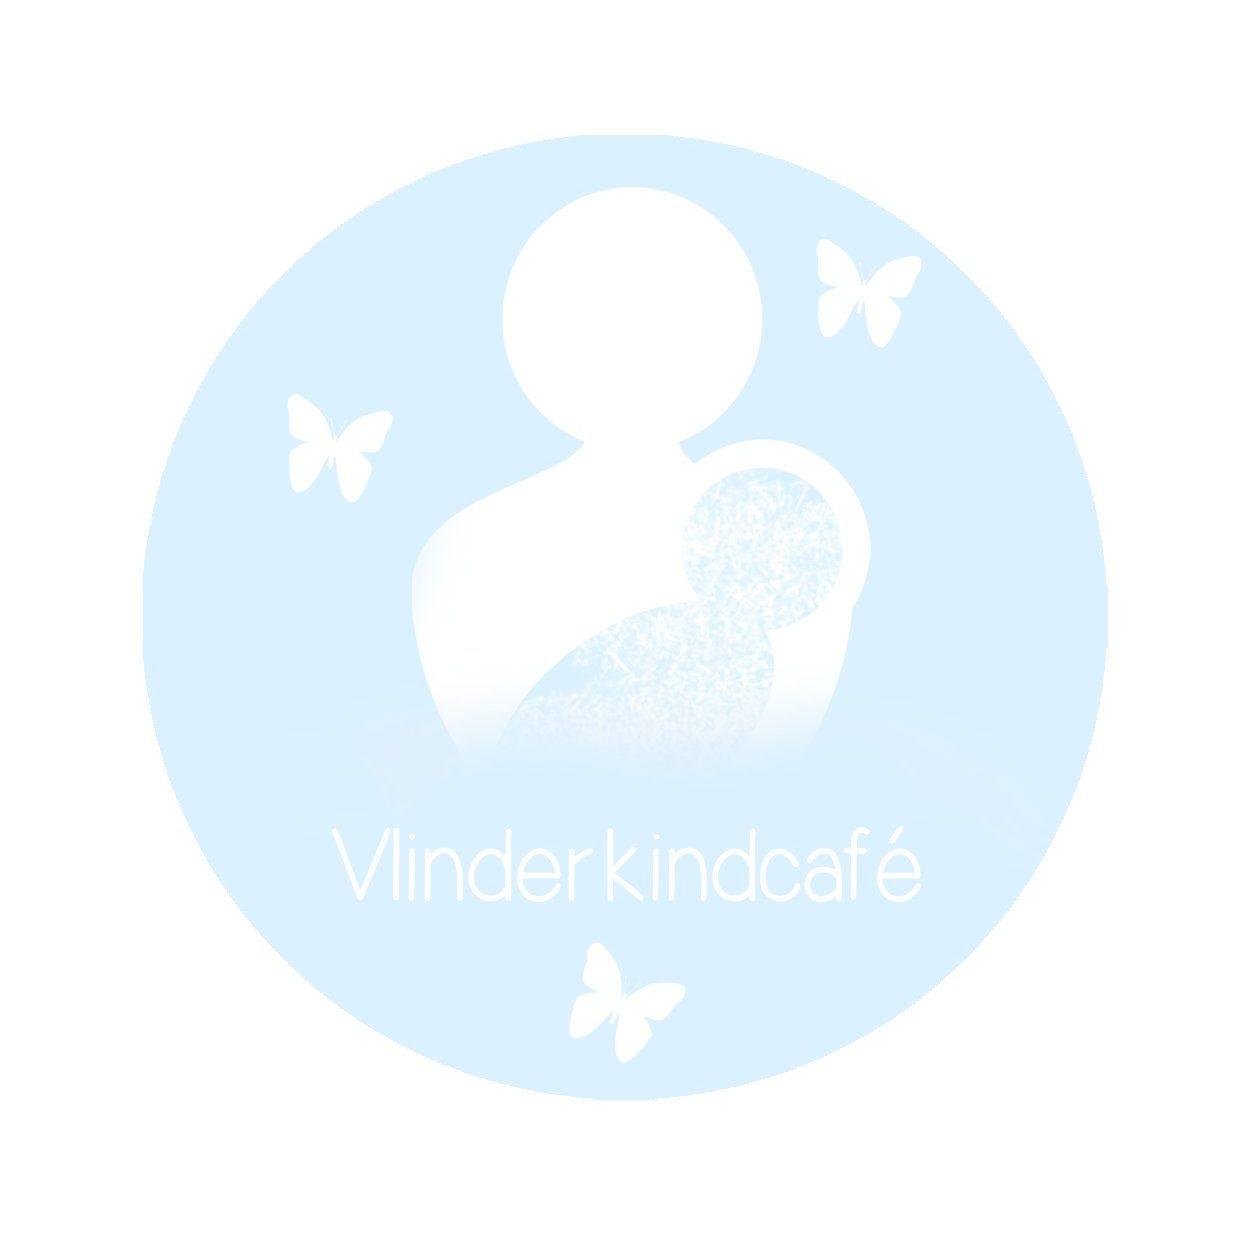 Vlinderkindcafe